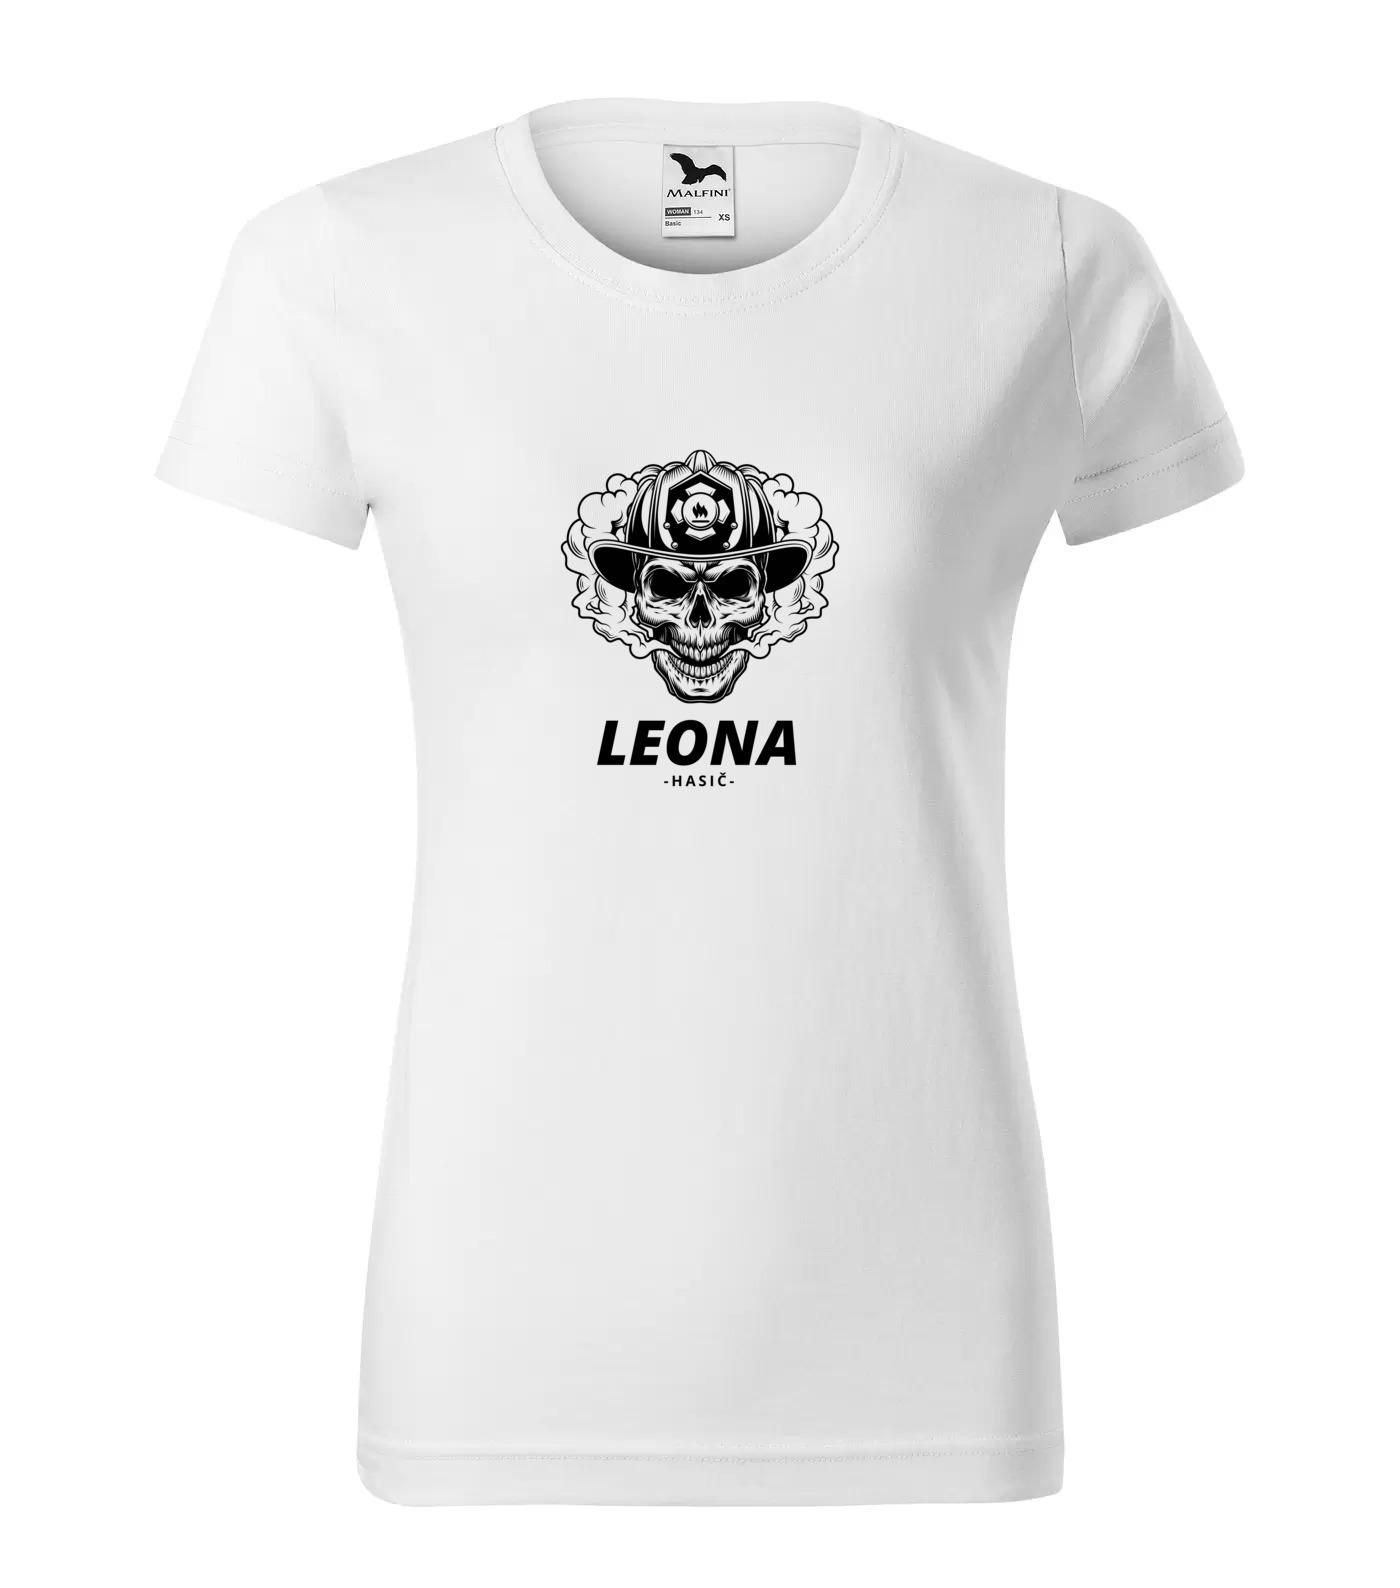 Tričko Hasič Leona